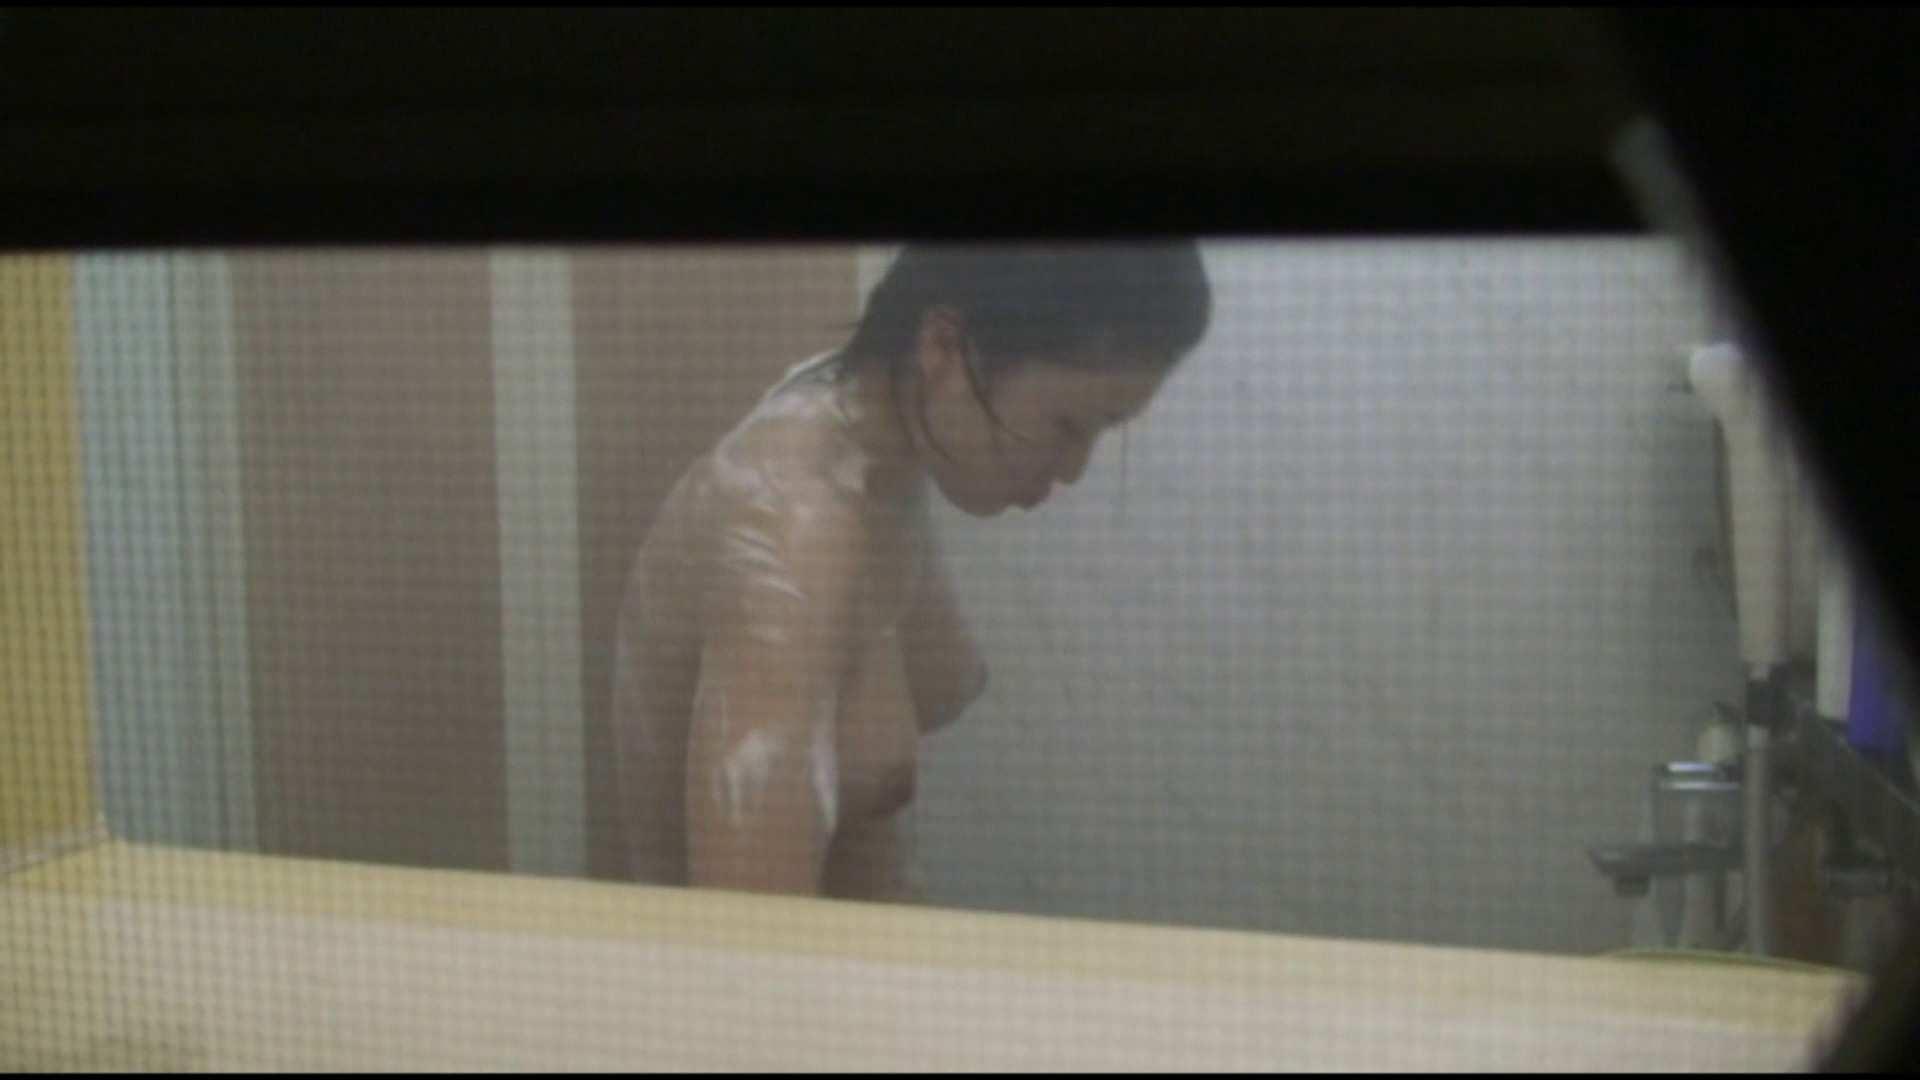 vol.04巨乳美人のおっぱいがプルルンッと弾けてます!風呂上りも必見 OL女体 AV無料動画キャプチャ 105連発 86